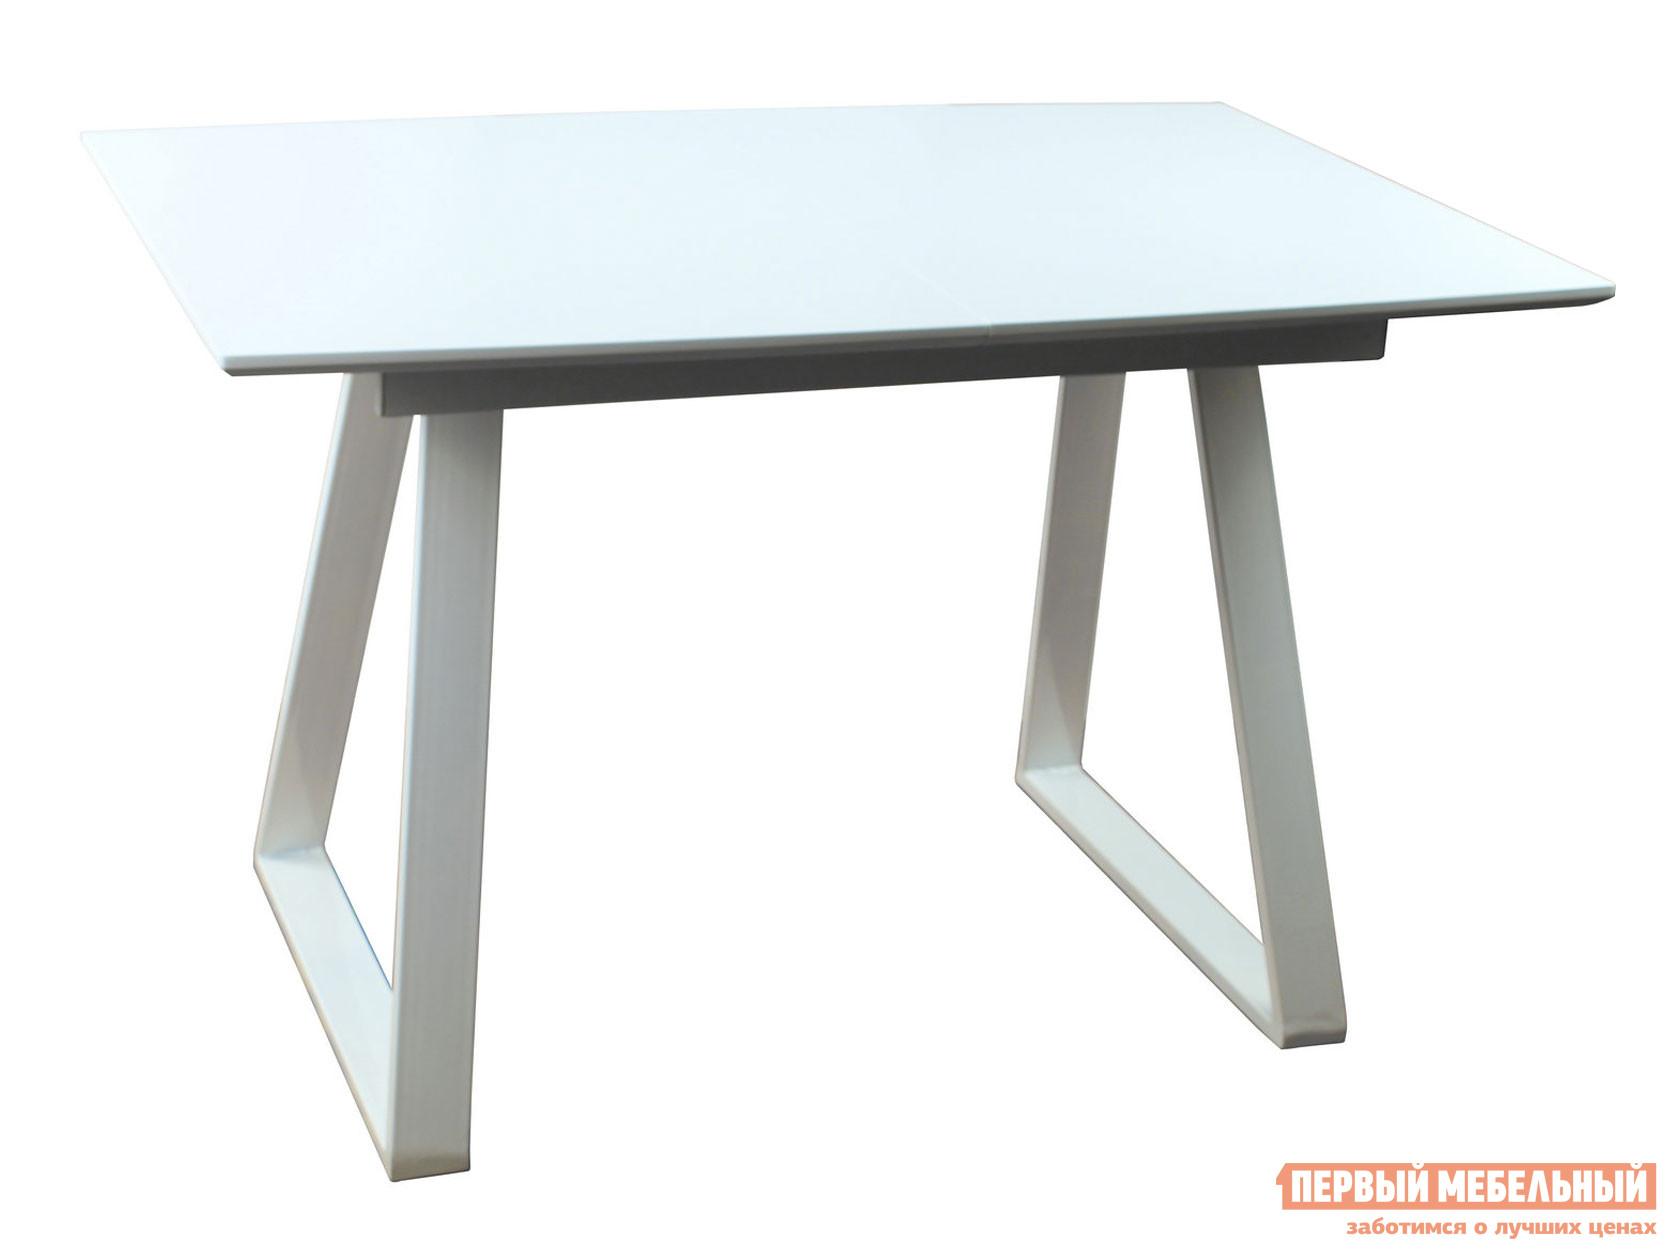 Кухонный стол  обеденный Детройт DT-935 Белый матовый / Cветлое дерево STOOL GROUP 108689